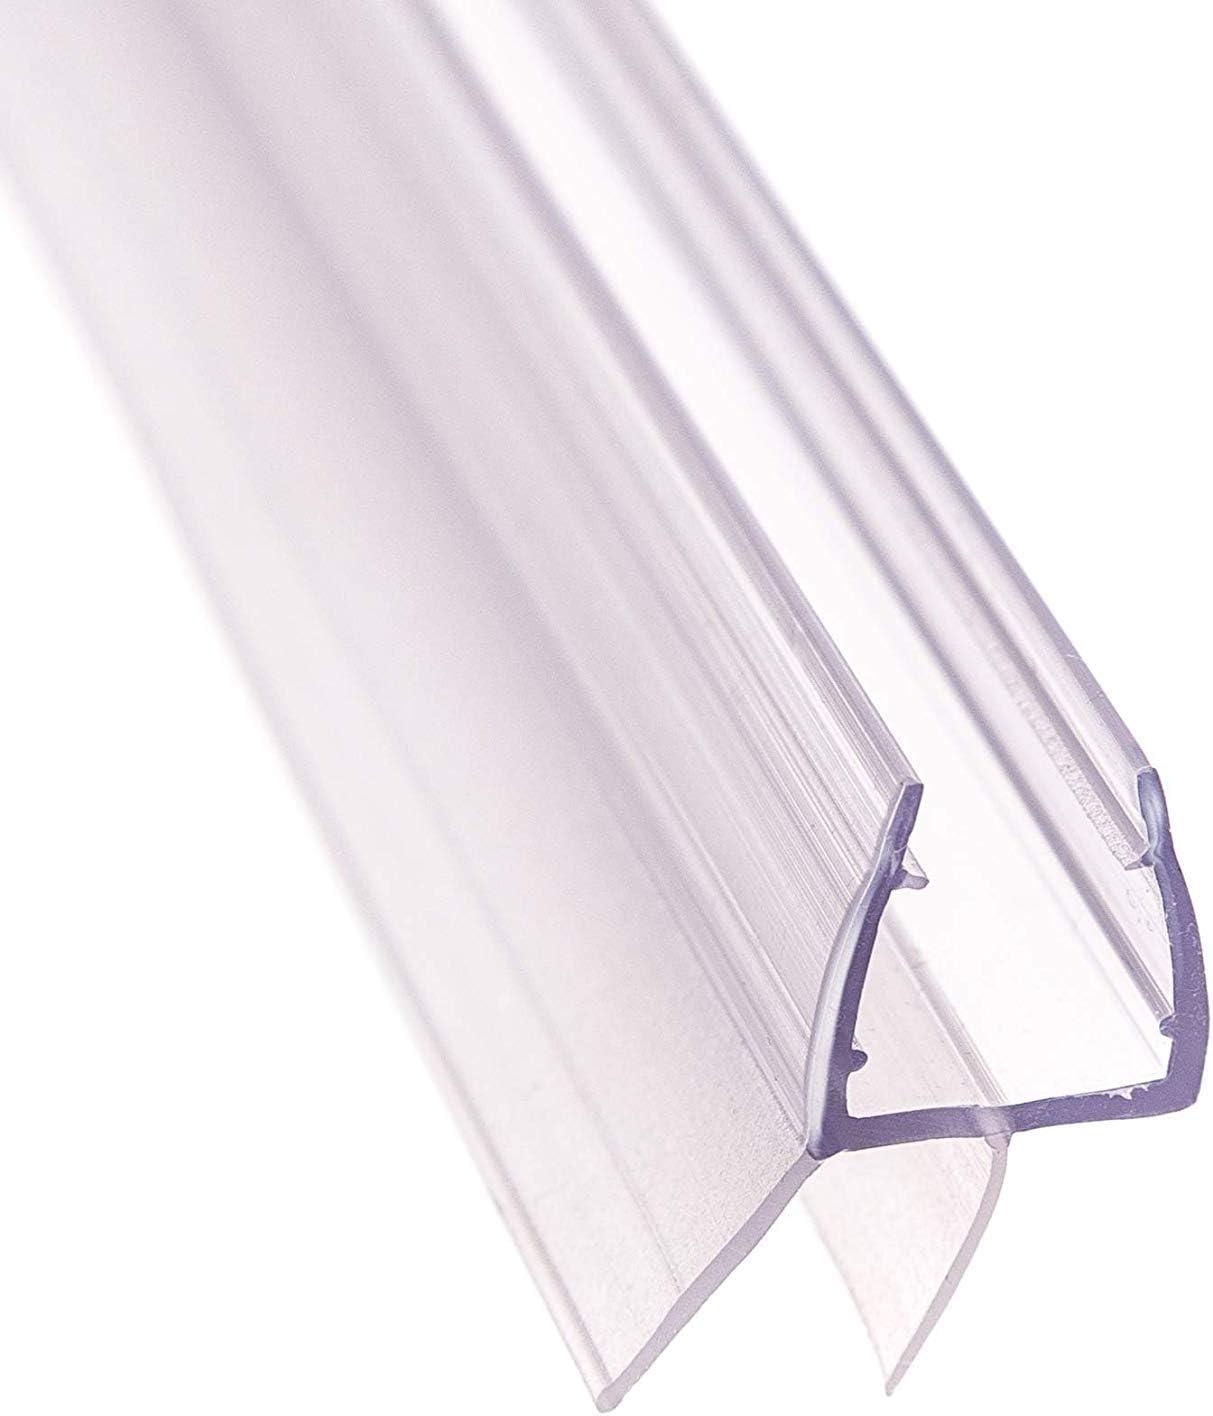 Brecha 13,4mm UK03 FURNICA 90cm Repuesto ba/ño Ducha Protector de Puerta Sello para 6//7-8mm Vidrio Espesor